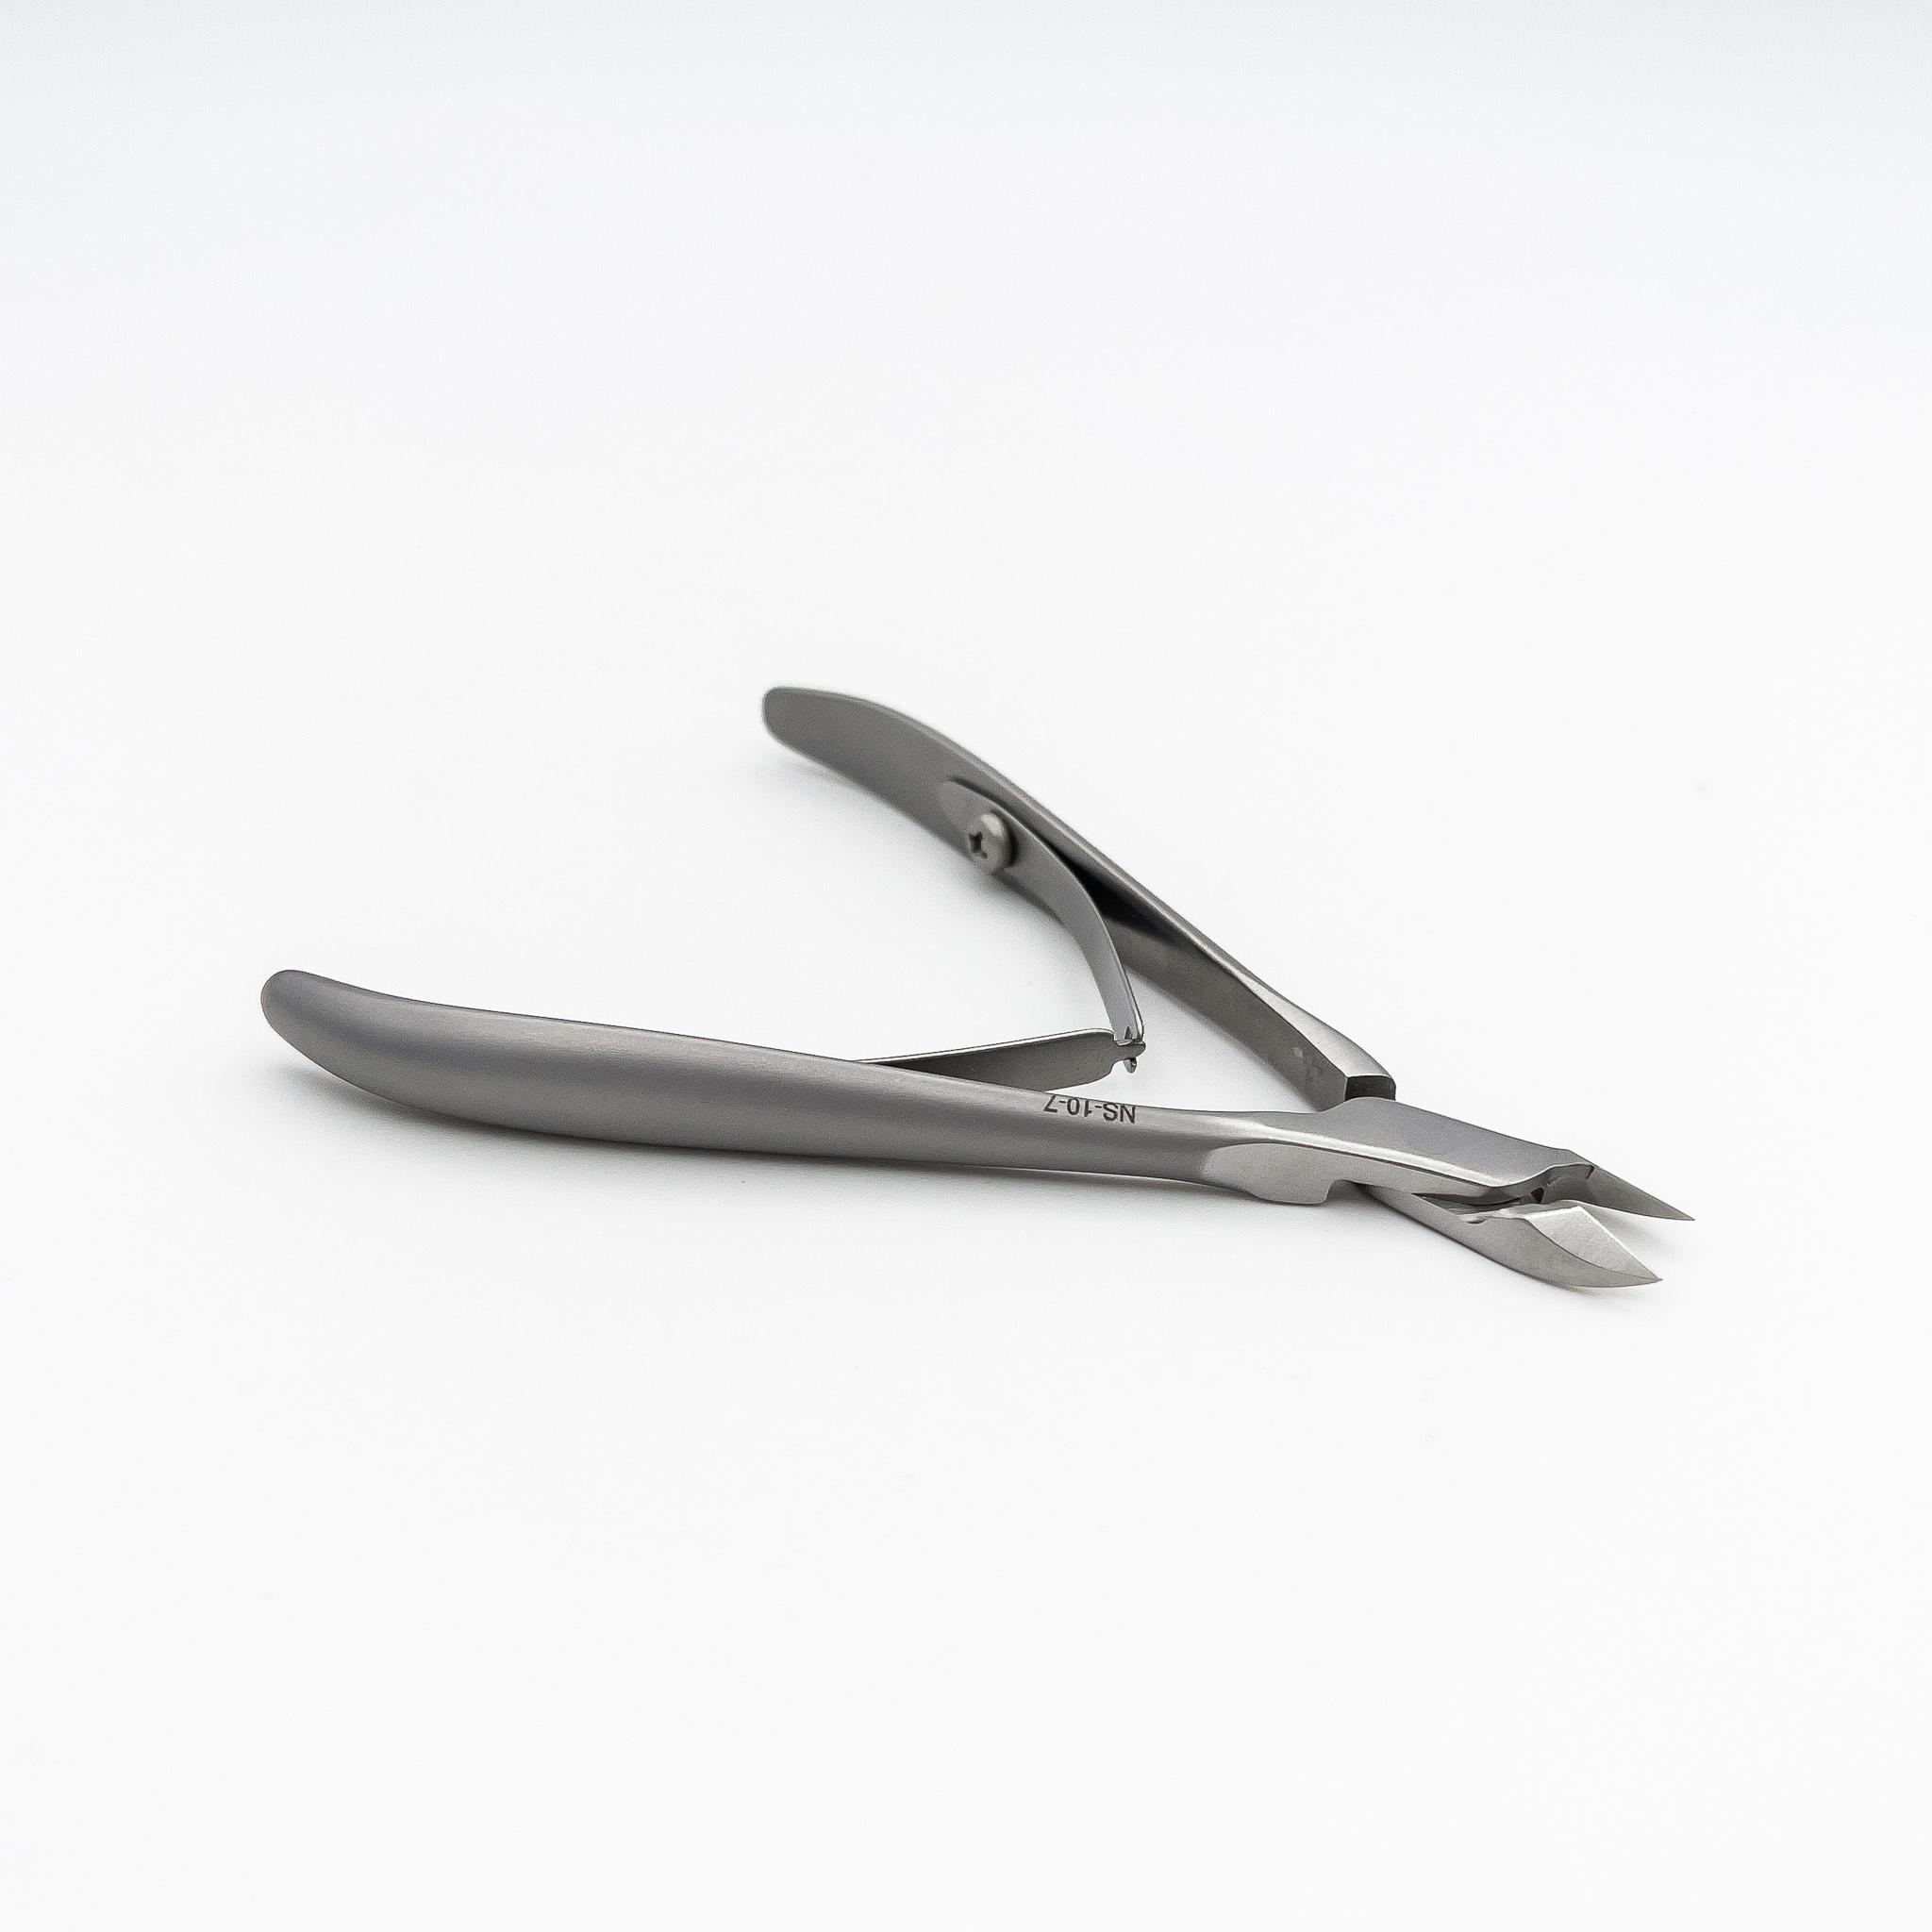 STALENA Pince à peau 7 mm - poignée courte N3-10-07 (KM-007) NOUVEAU!